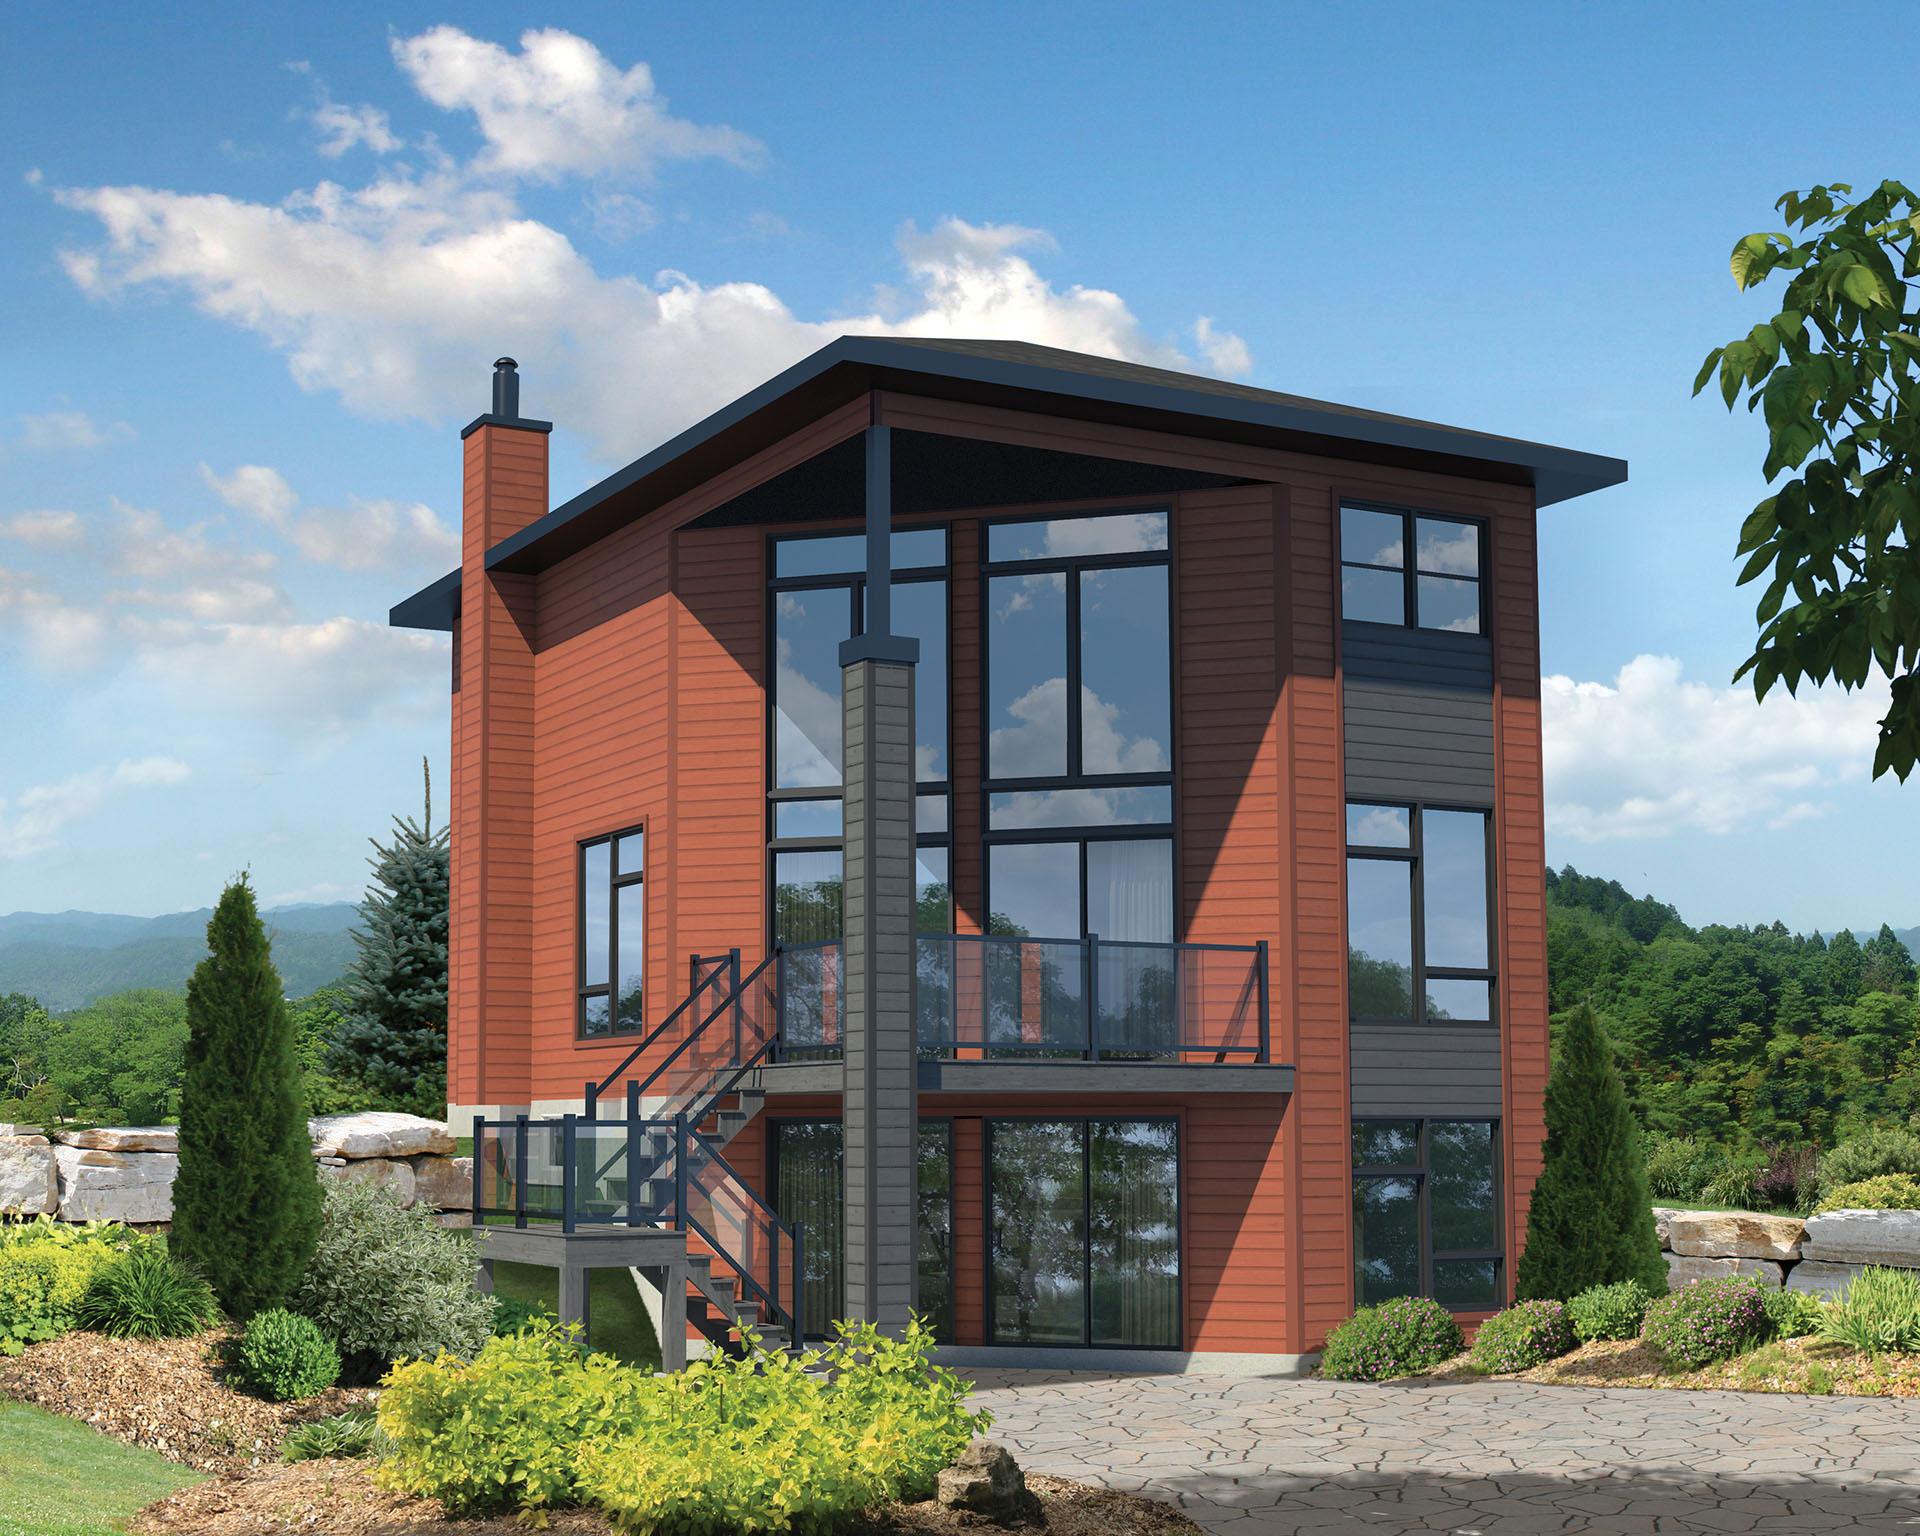 кирпичные дома фото с большими окнами оценкам экспертов, шикарное